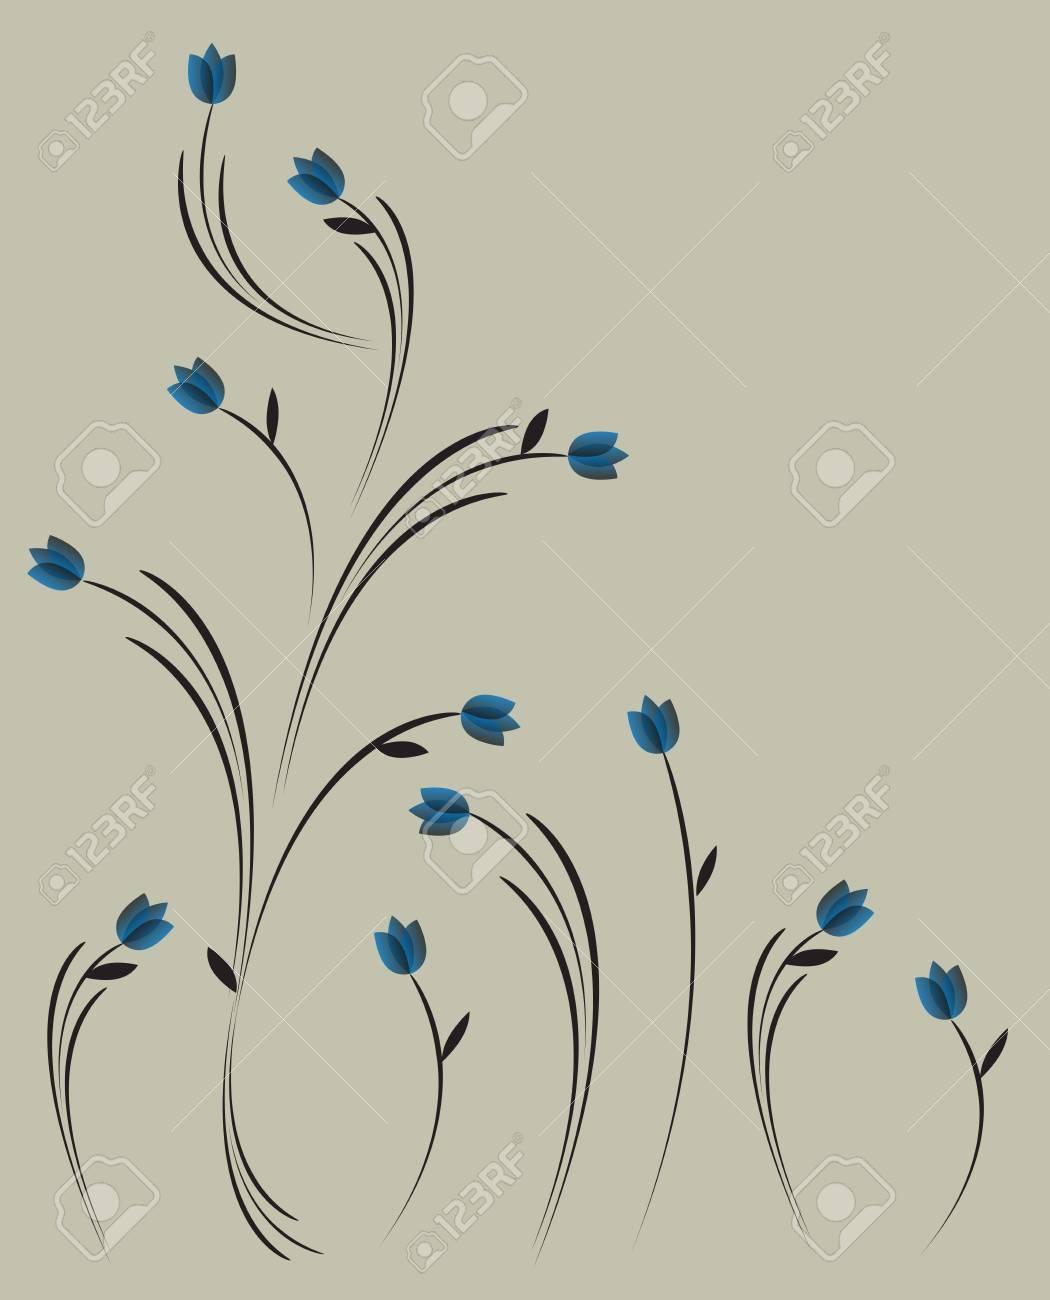 76c900c1dc73 Vintage-Stil Blumenmuster mit blauen Blumen Standard-Bild - 19266879